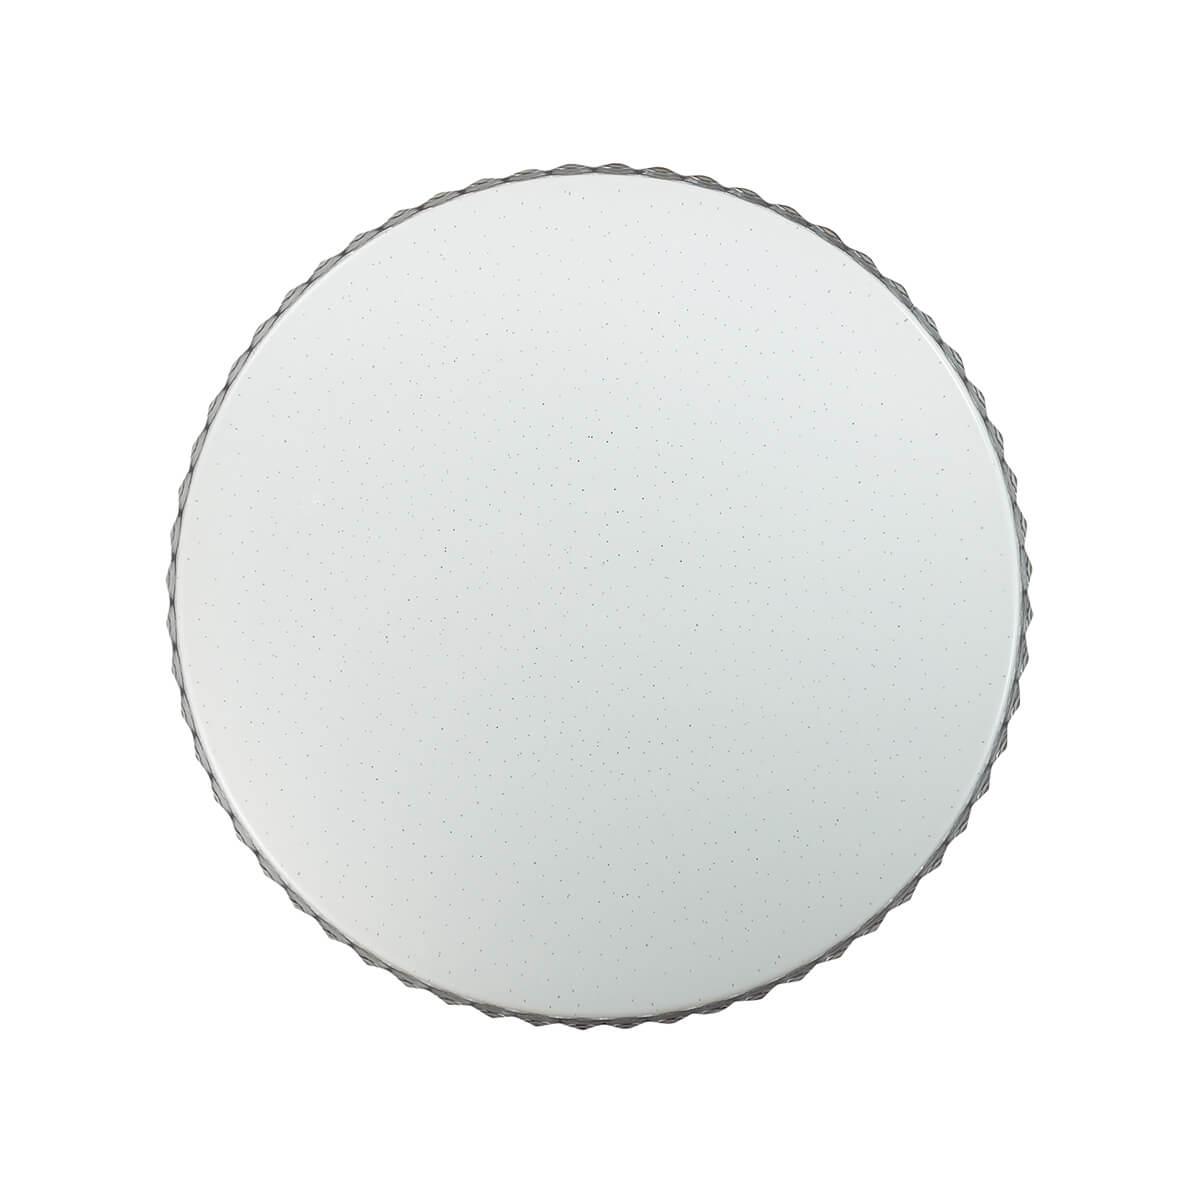 Светильник Sonex 2077/DL накладной светильник 146 sonex